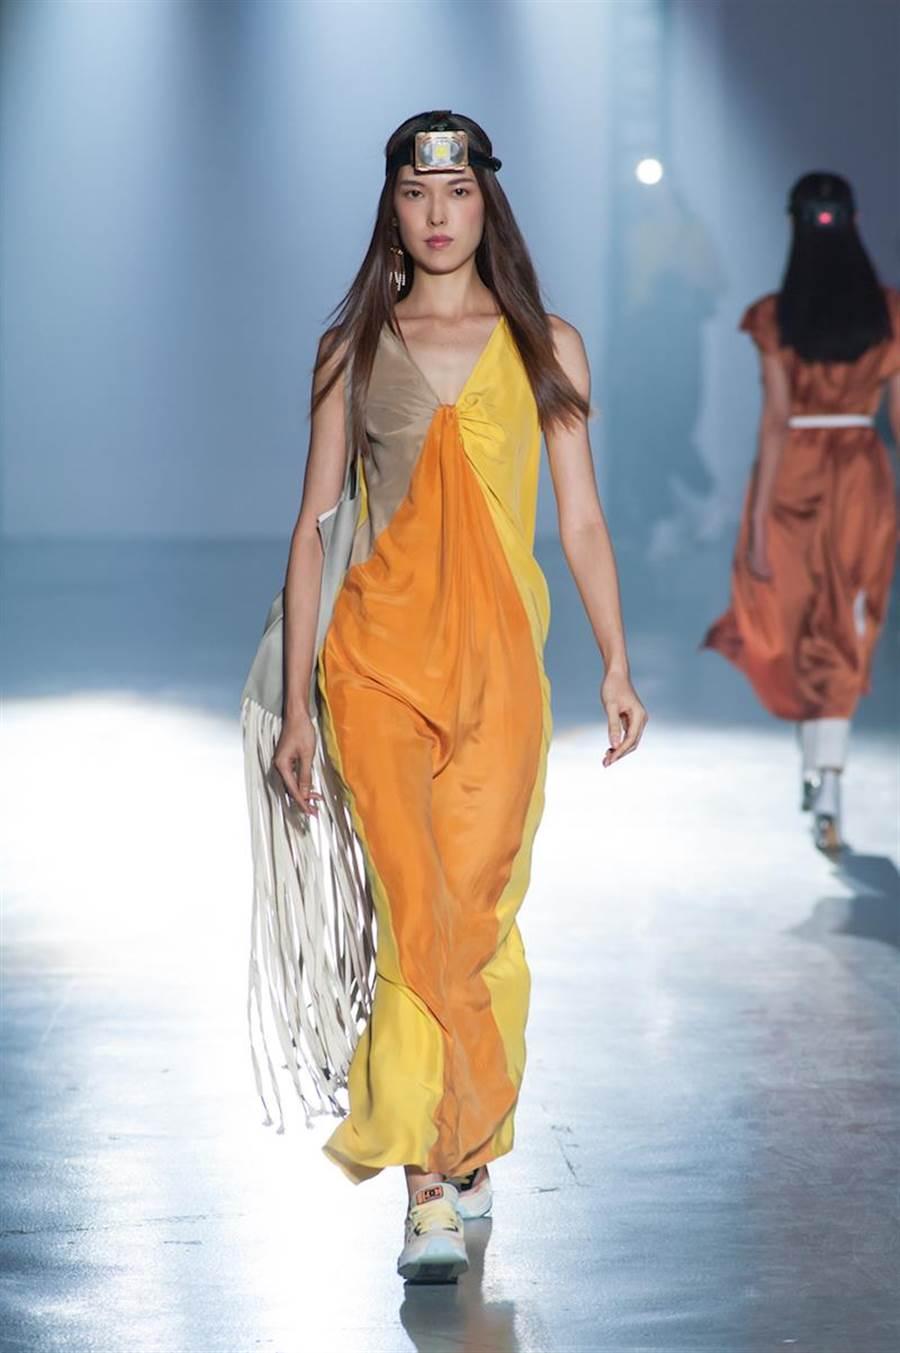 竇騰璜2020春夏有許多高彩度的明亮色塊,將王思偉打造成活力女神 。(伊林提供)